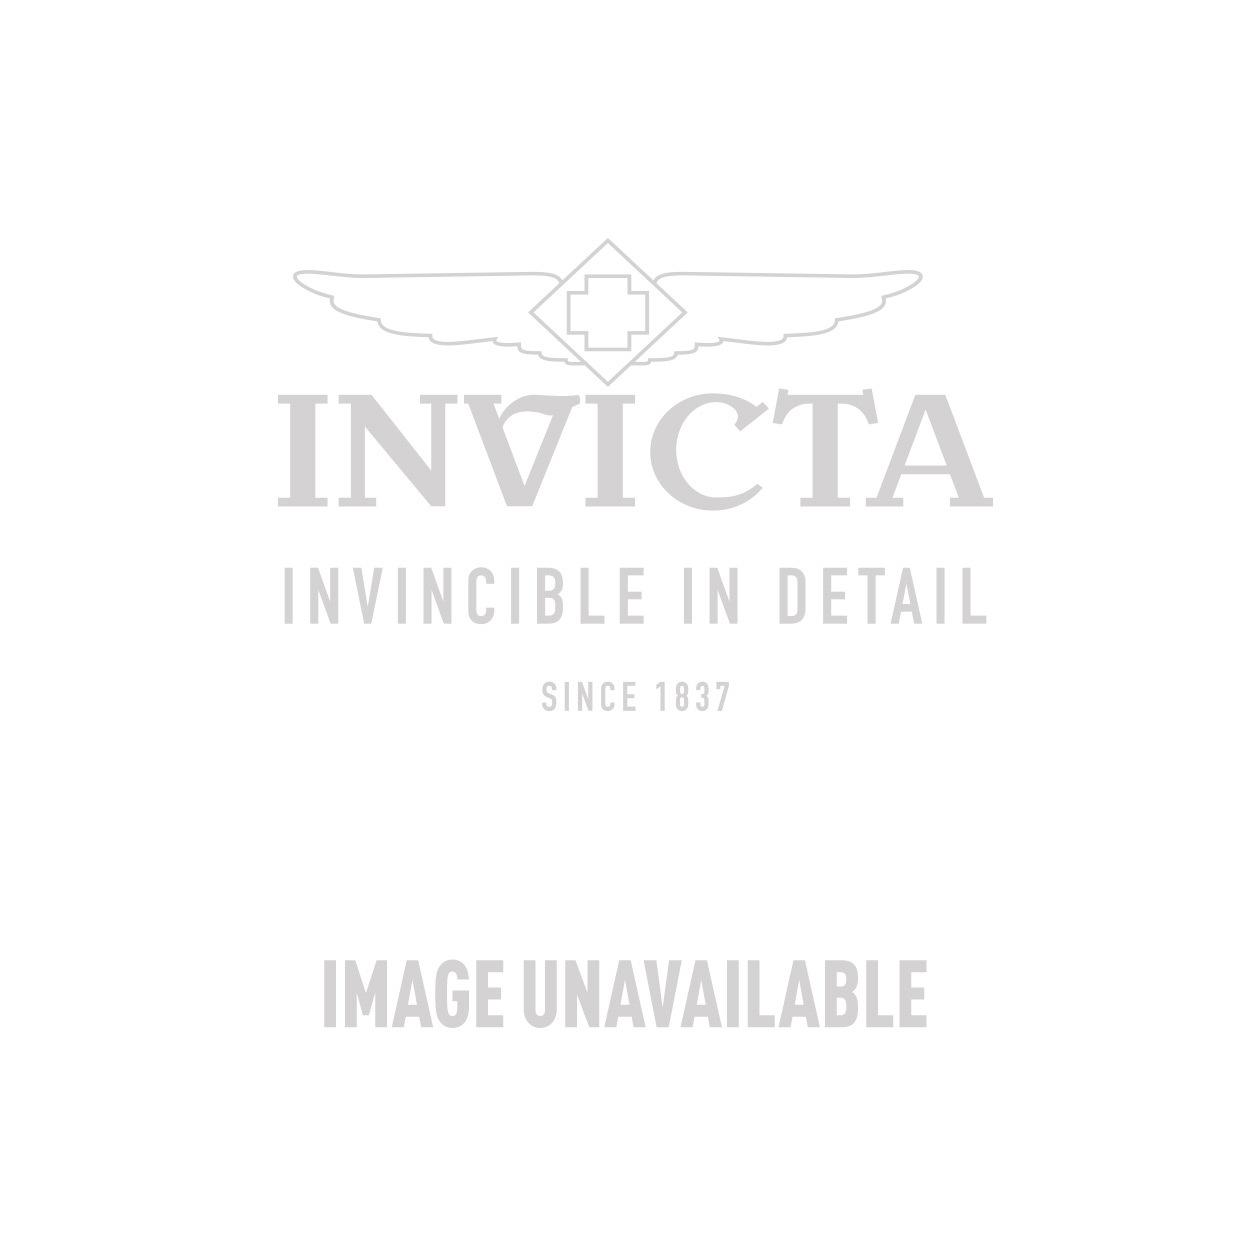 Invicta Model 25991